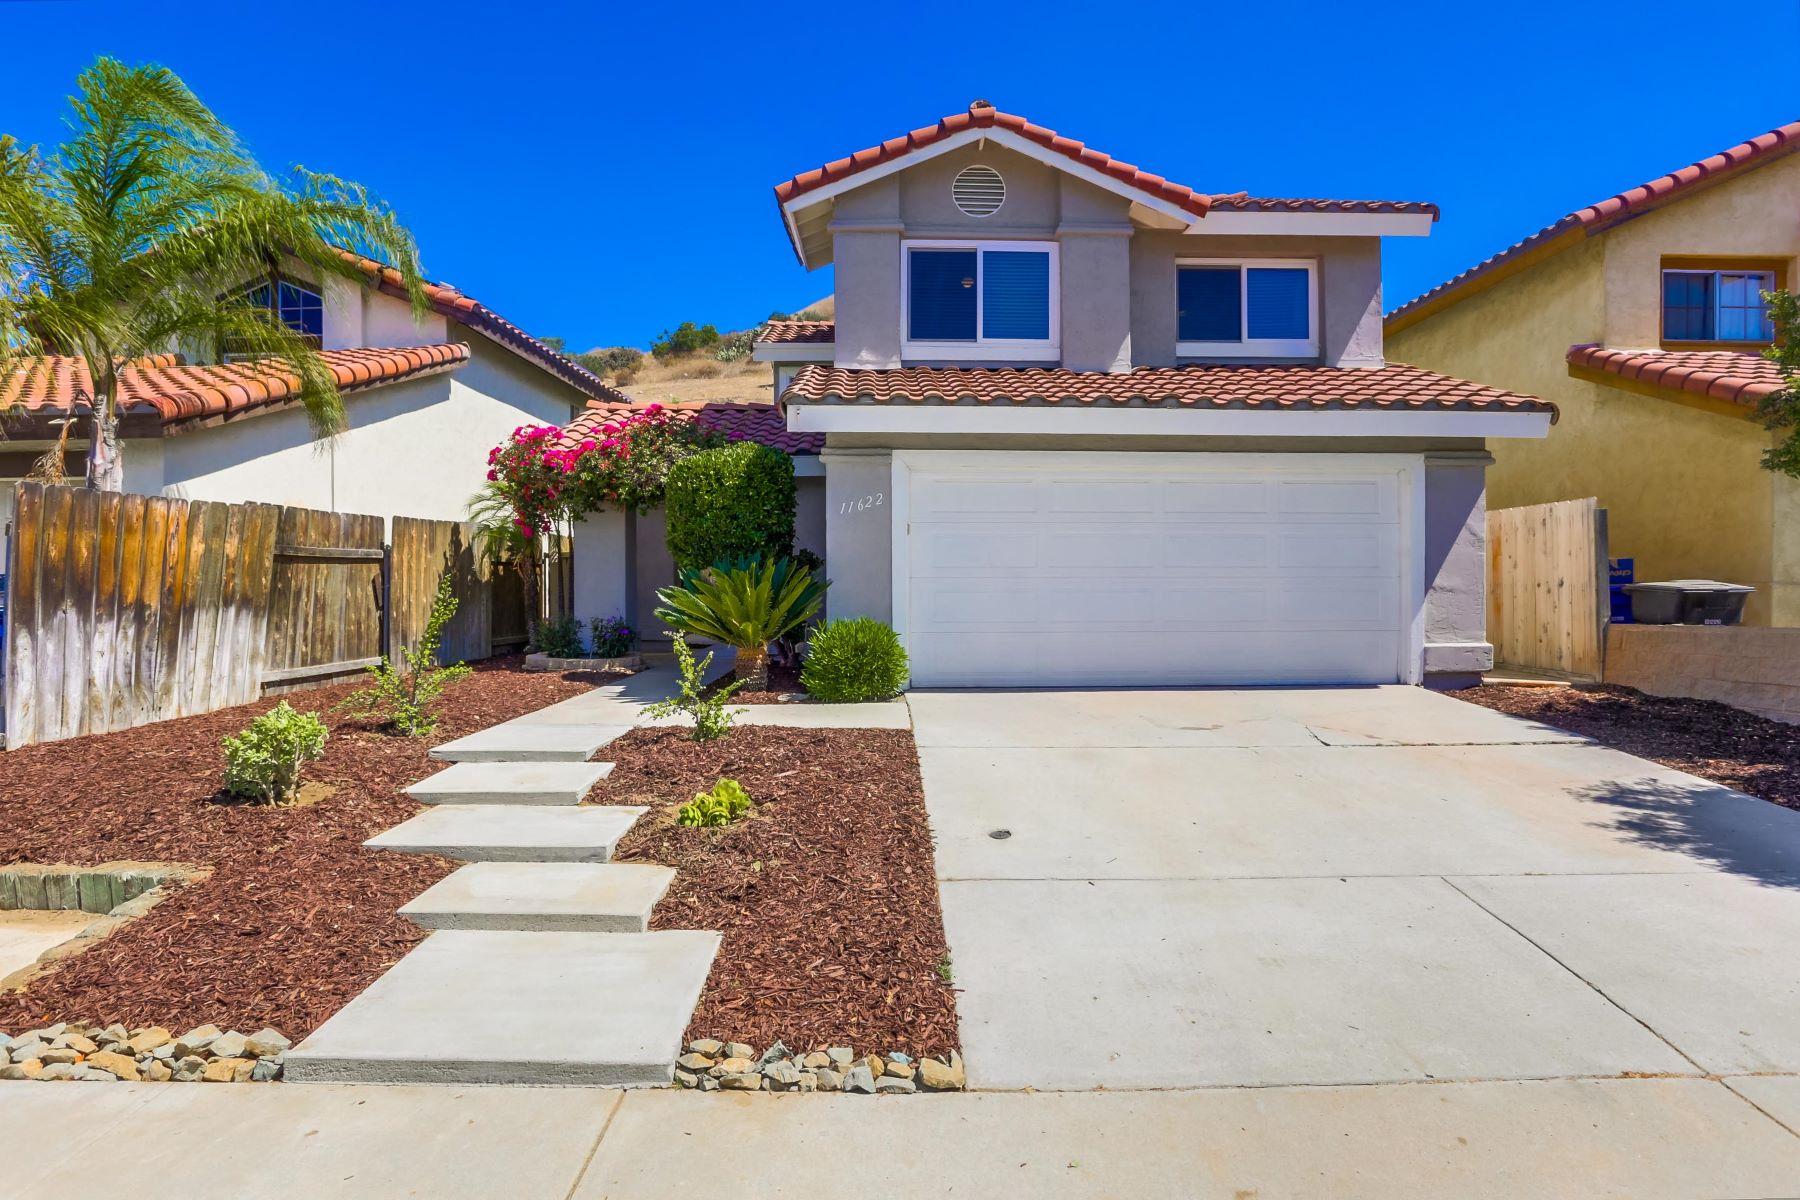 Single Family Homes for Sale at 11622 Avenida Marcella El Cajon, California 92019 United States